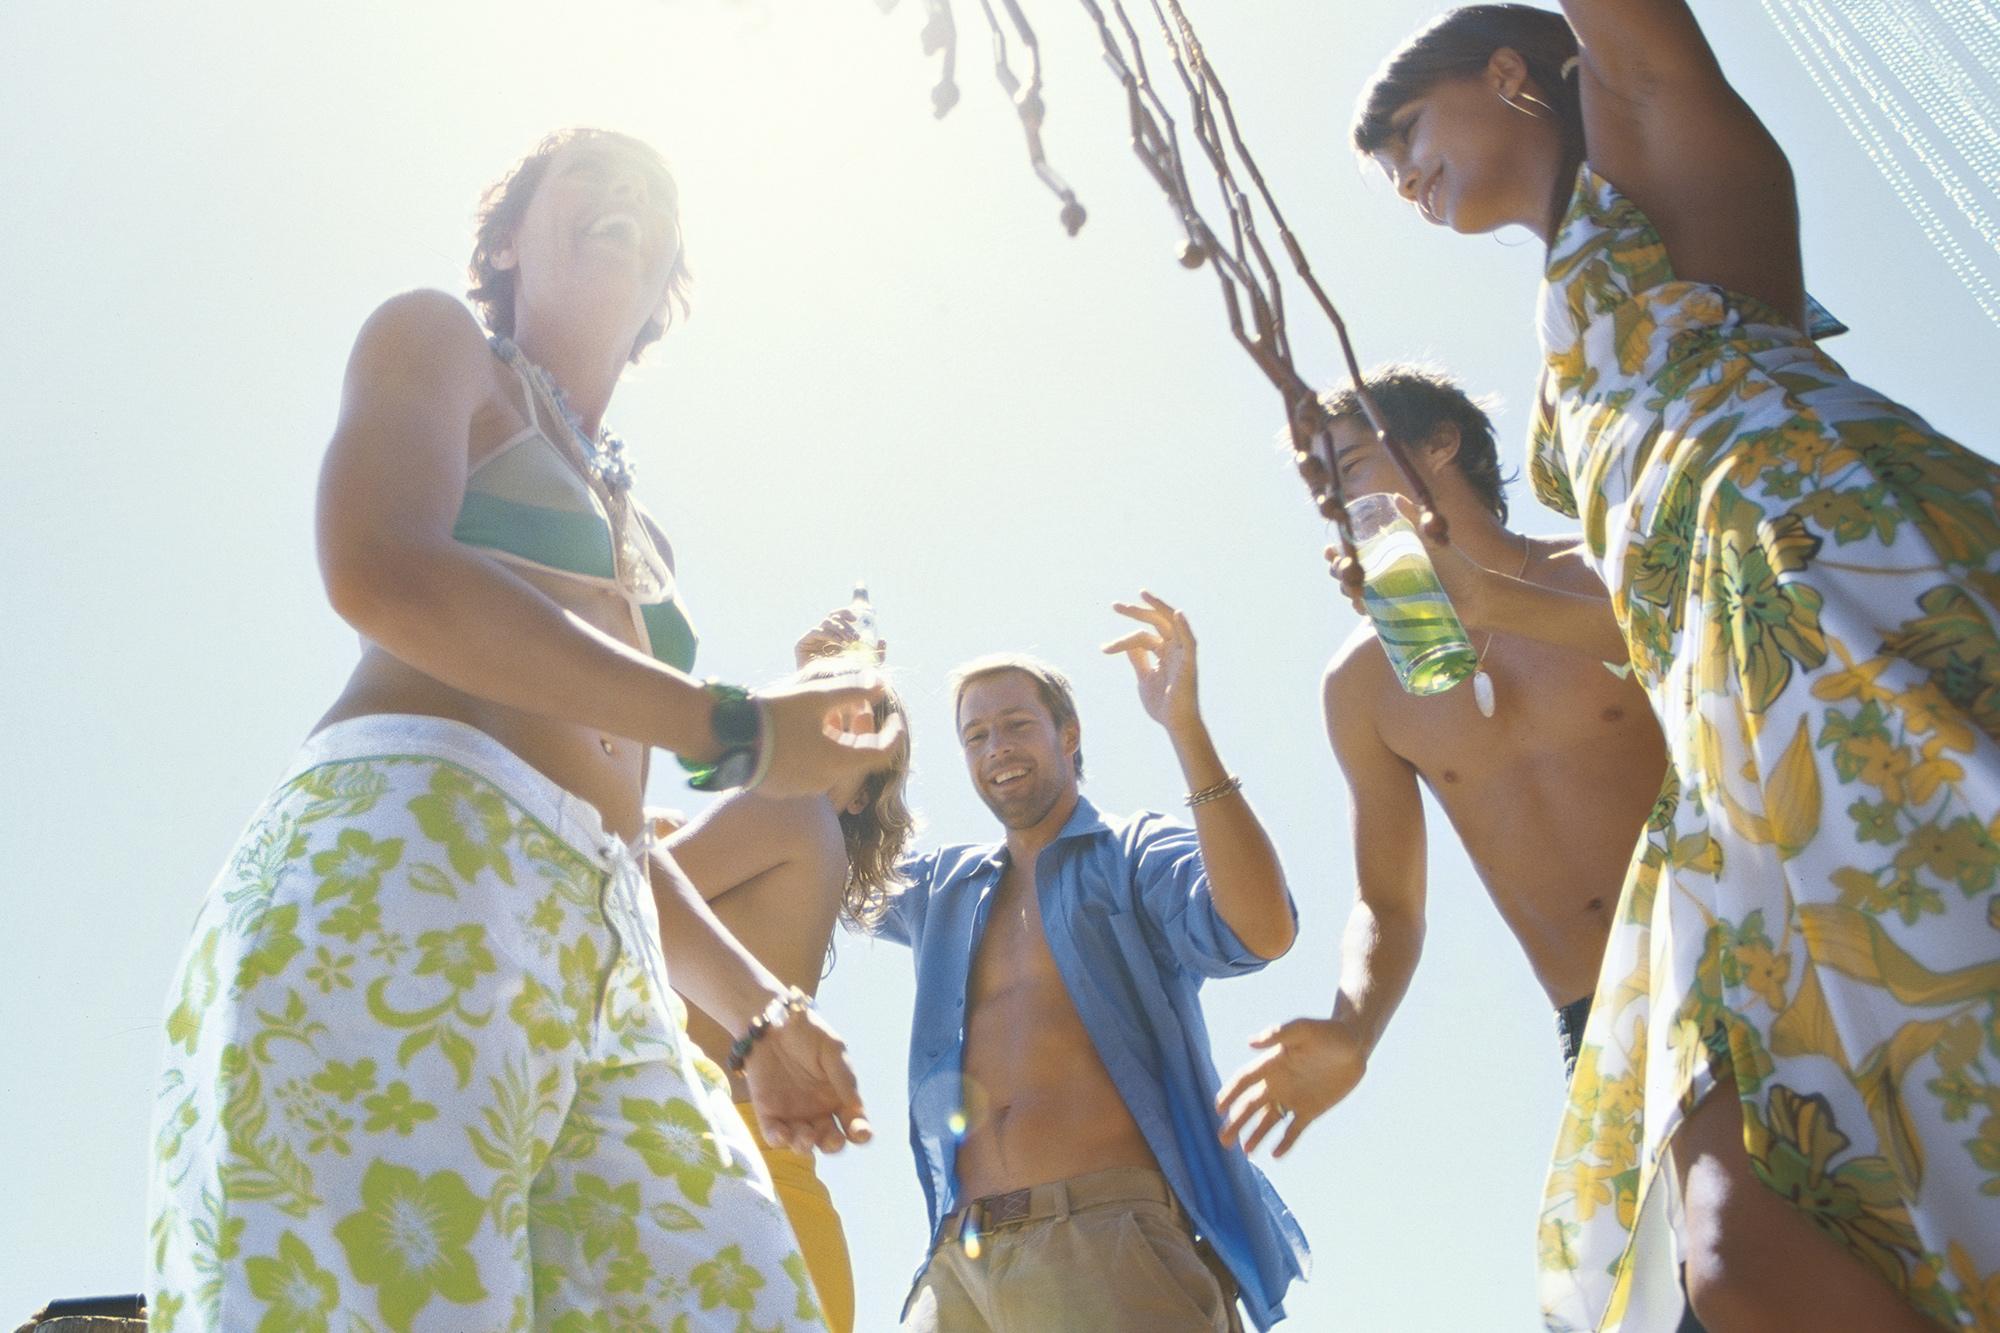 Hotel-Empfehlungen für den Urlaub als Single